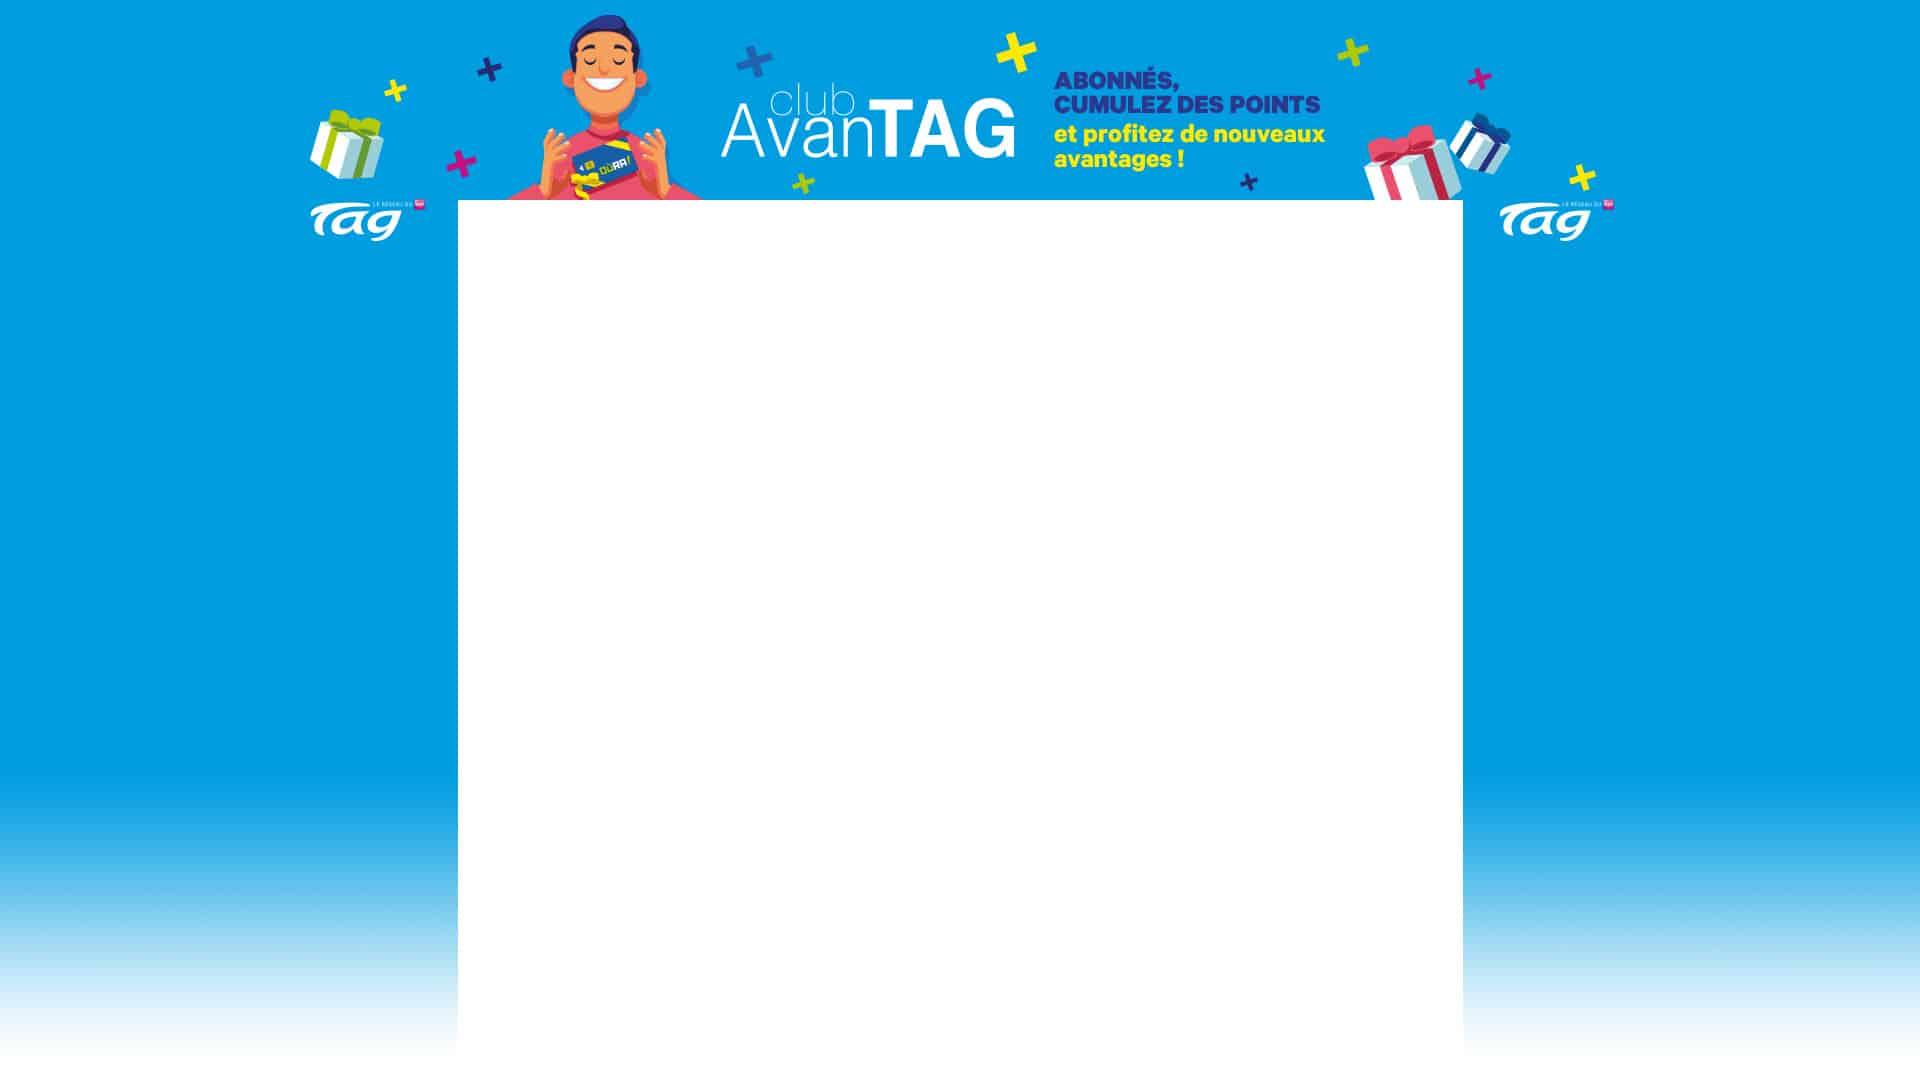 Club Avantag : abonnés Tag, cumulez des points et profitez de nouveaux avantages !